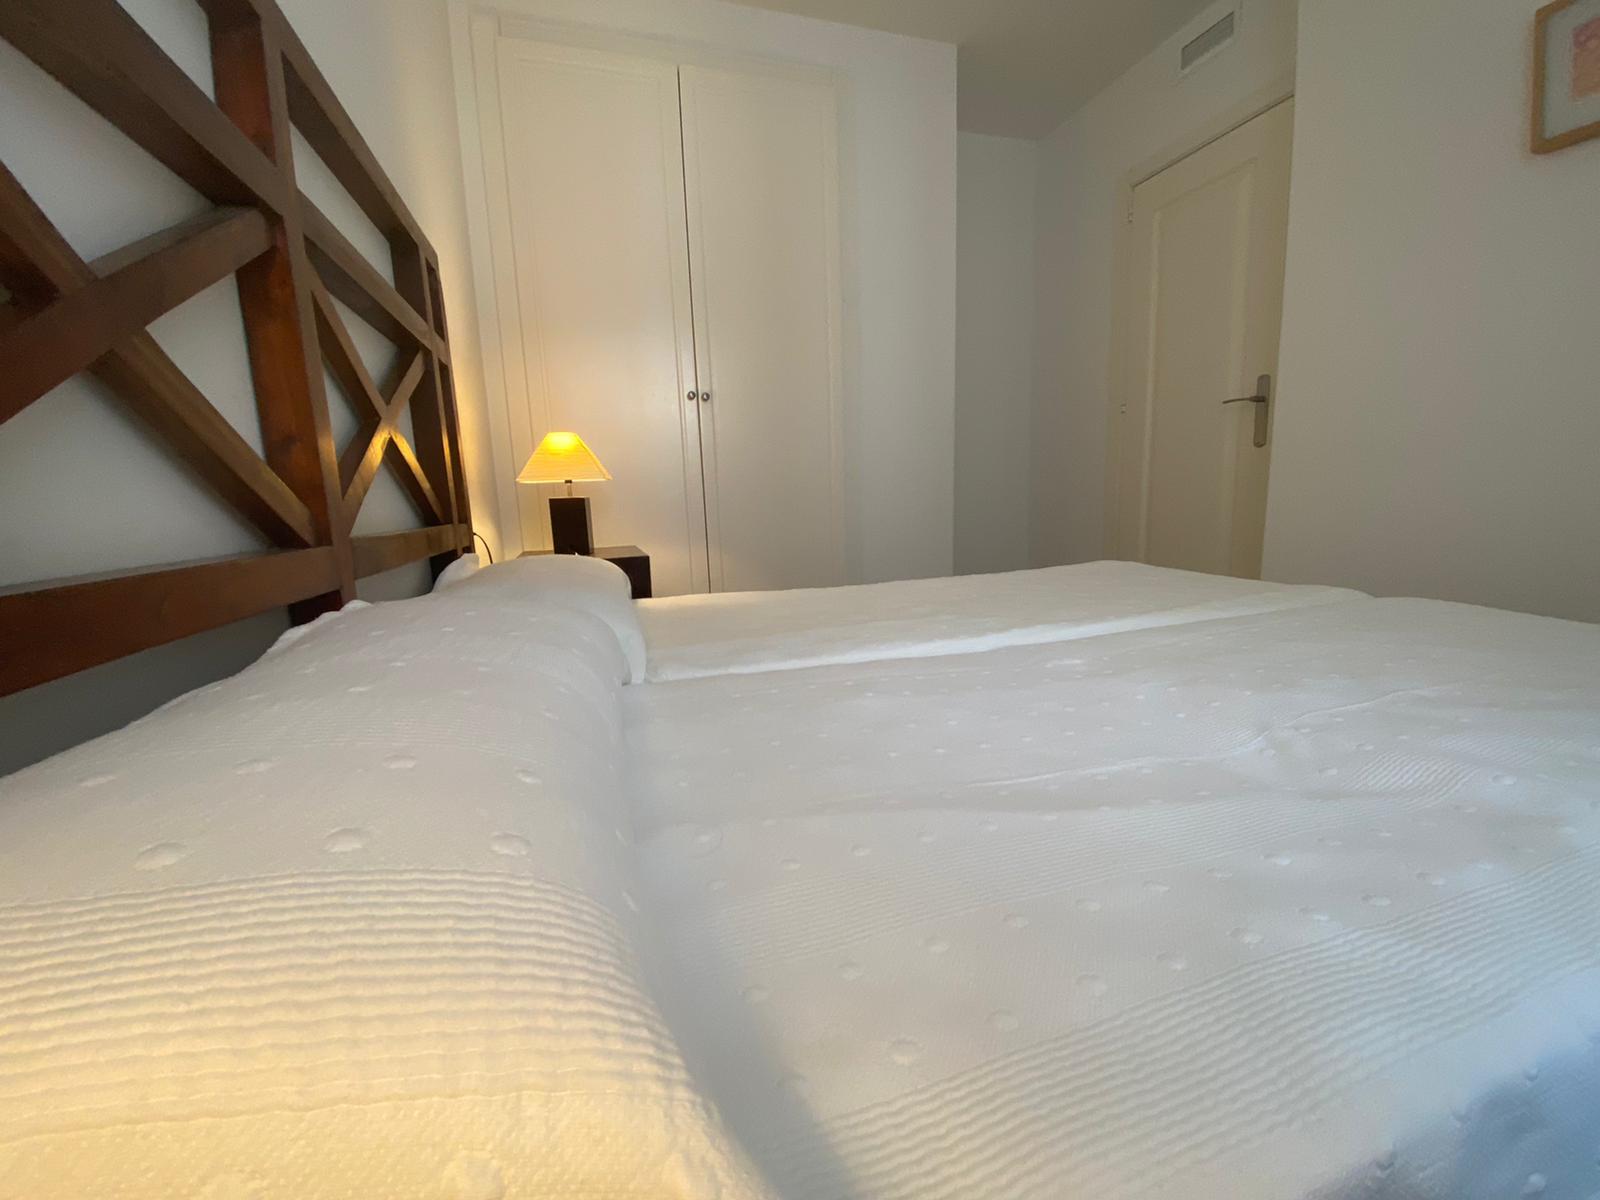 Imagen 41 del Apartamento Turístico, Ático 1 Levante (3d+2b), Punta del Moral (HUELVA), Paseo de la Cruz nº22